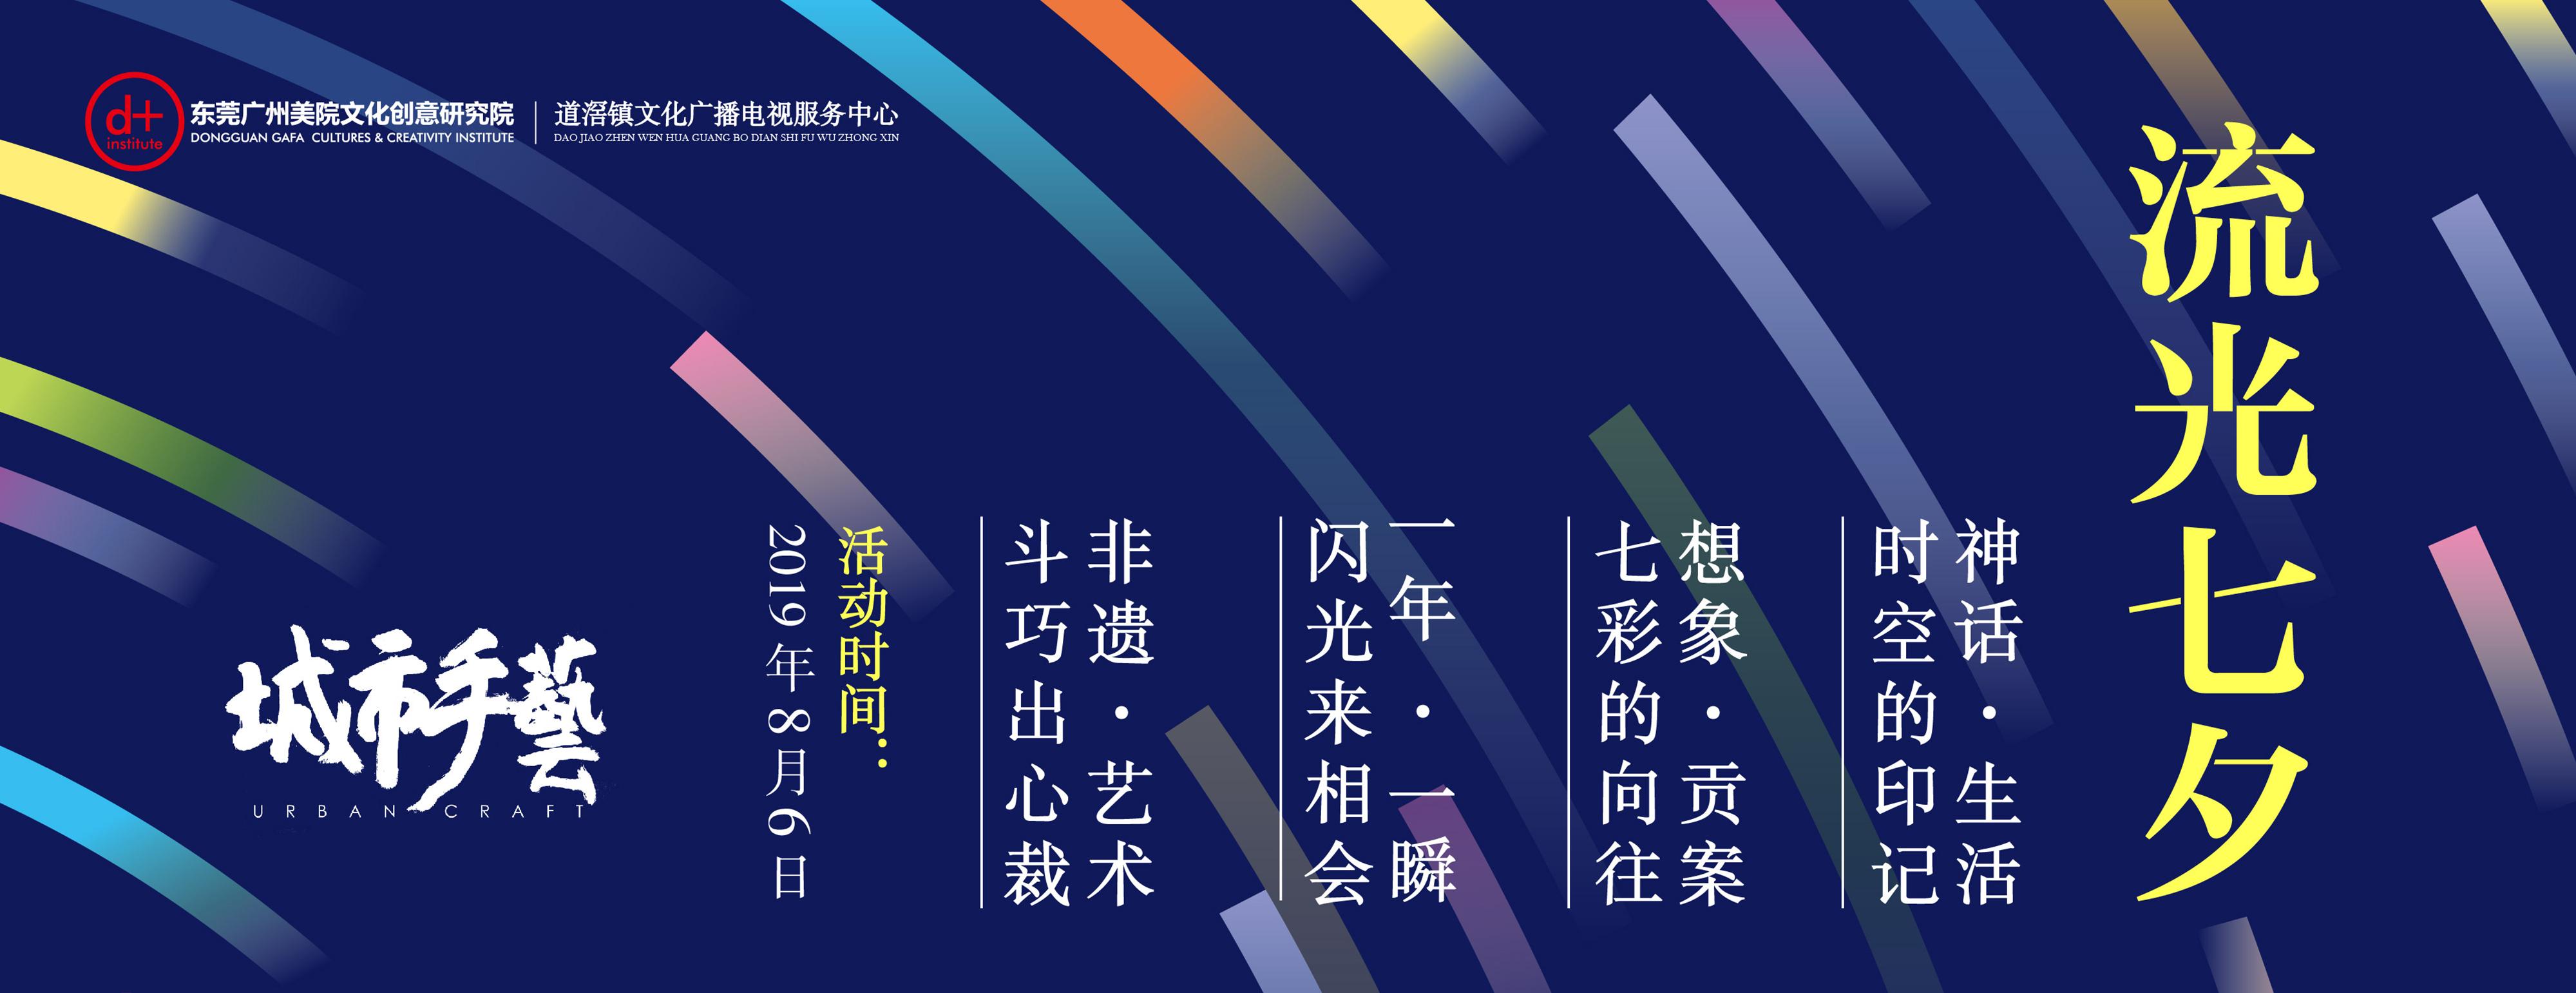 城市手艺——流光七夕 | 非遗与公共艺术的新火花